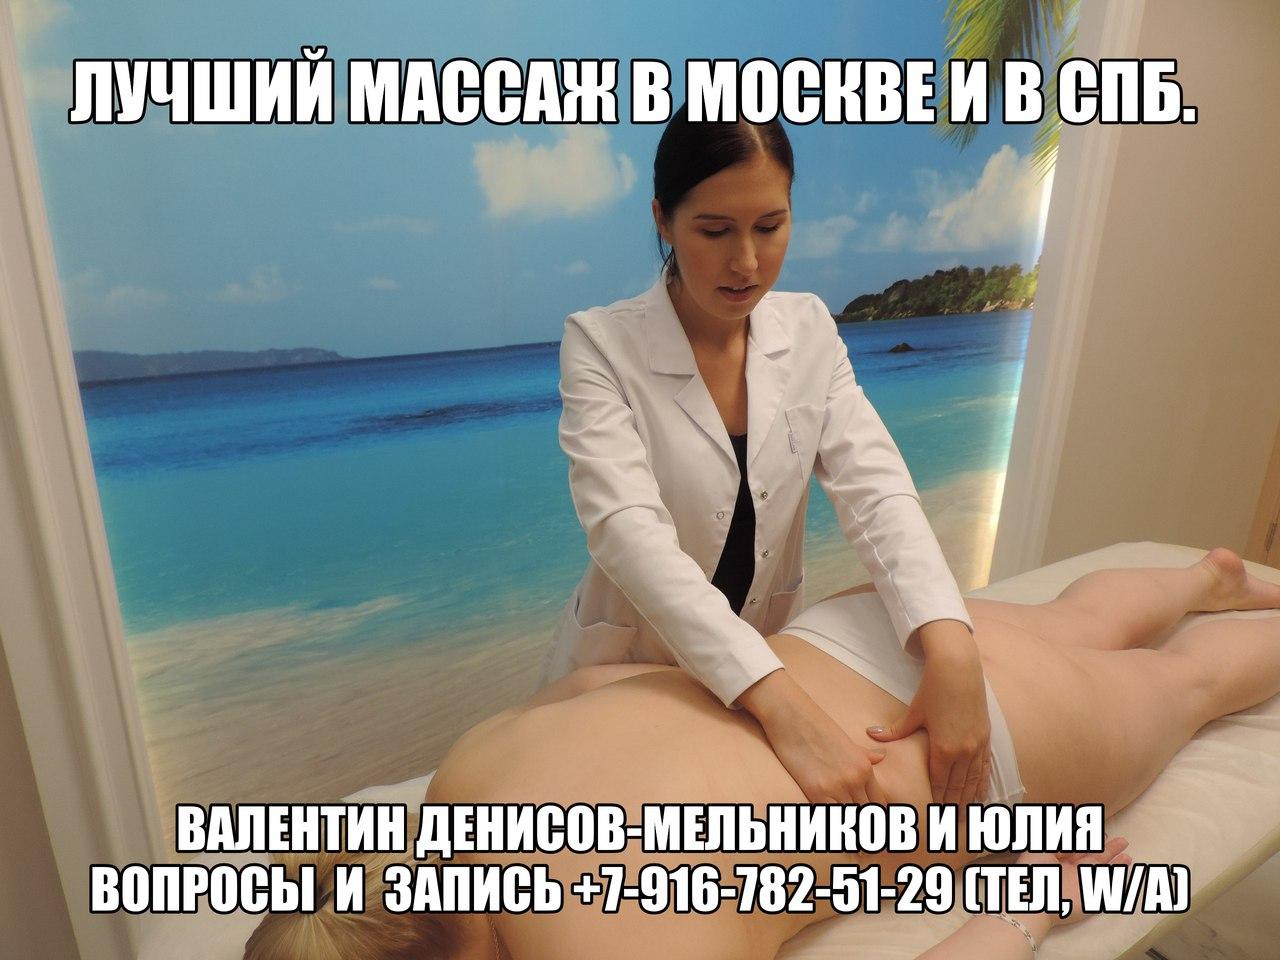 ищу хорошего массажиста, ищу массажиста спб, ищу личного массажиста, ищу мужчину массажиста